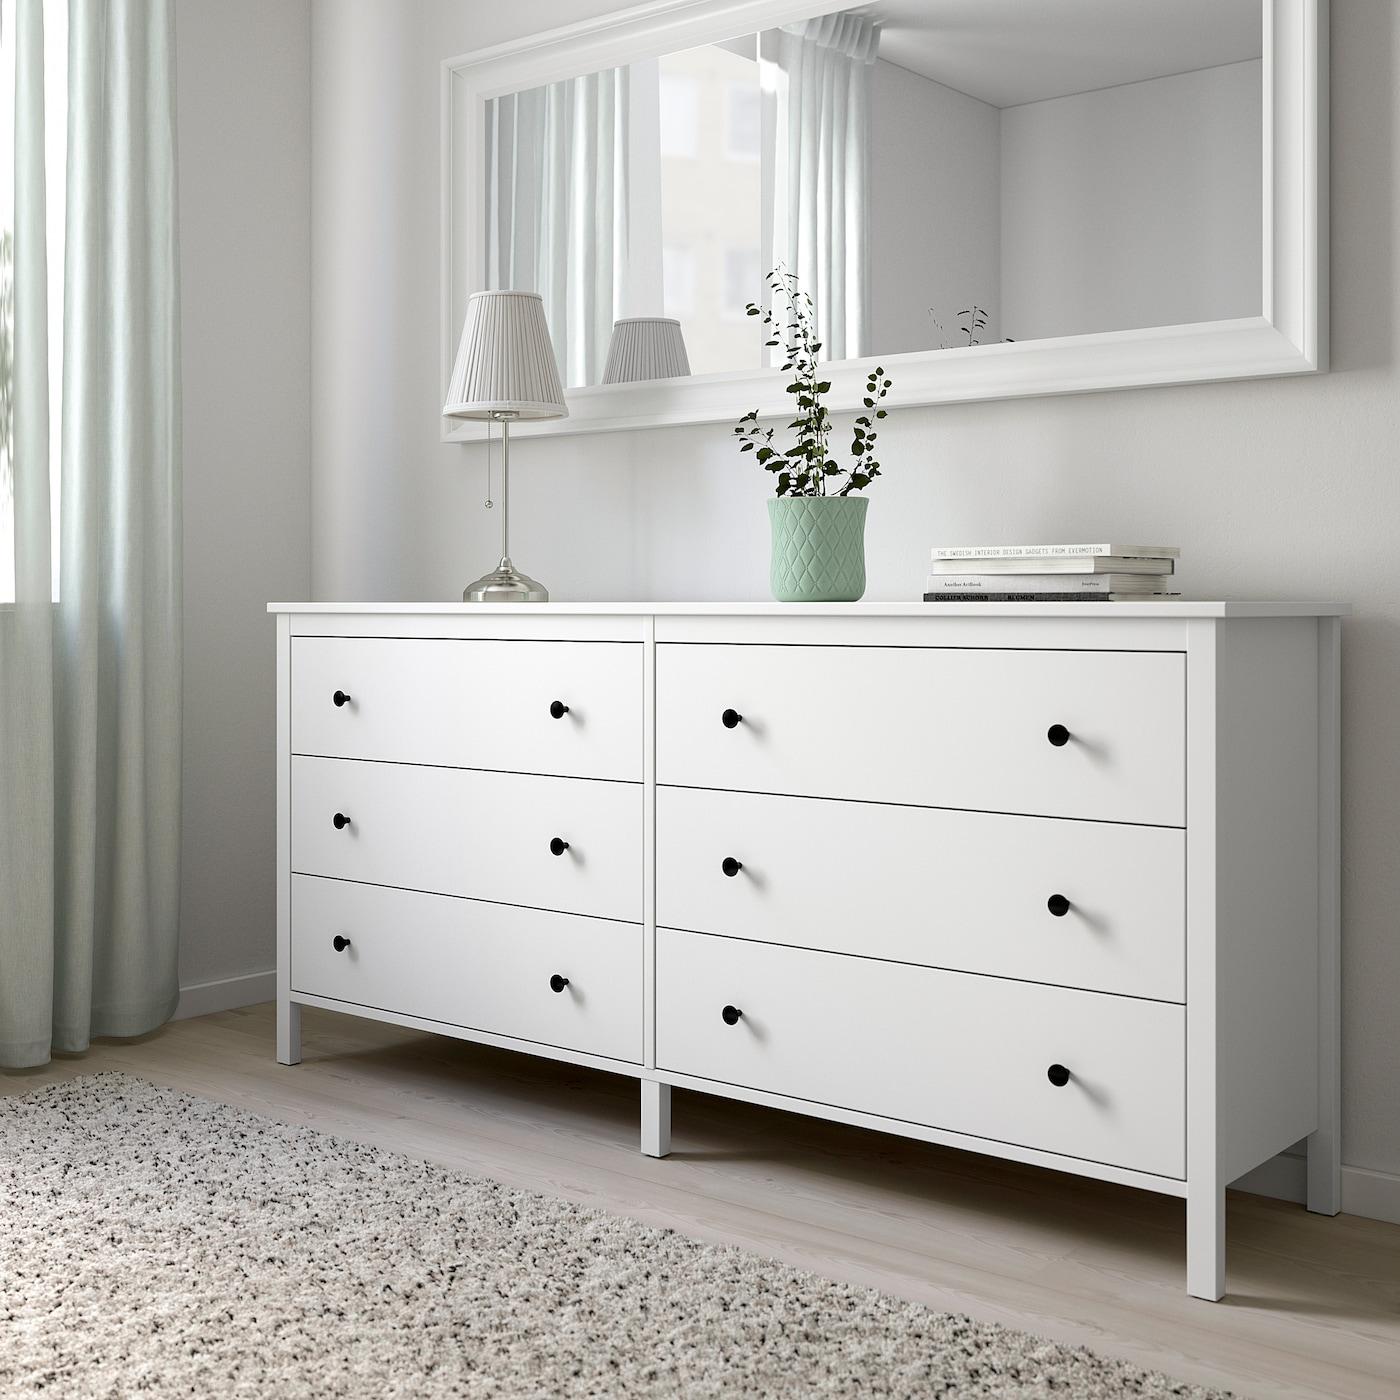 KOPPANG Byrå med 6 lådor, vit, 172x83 cm